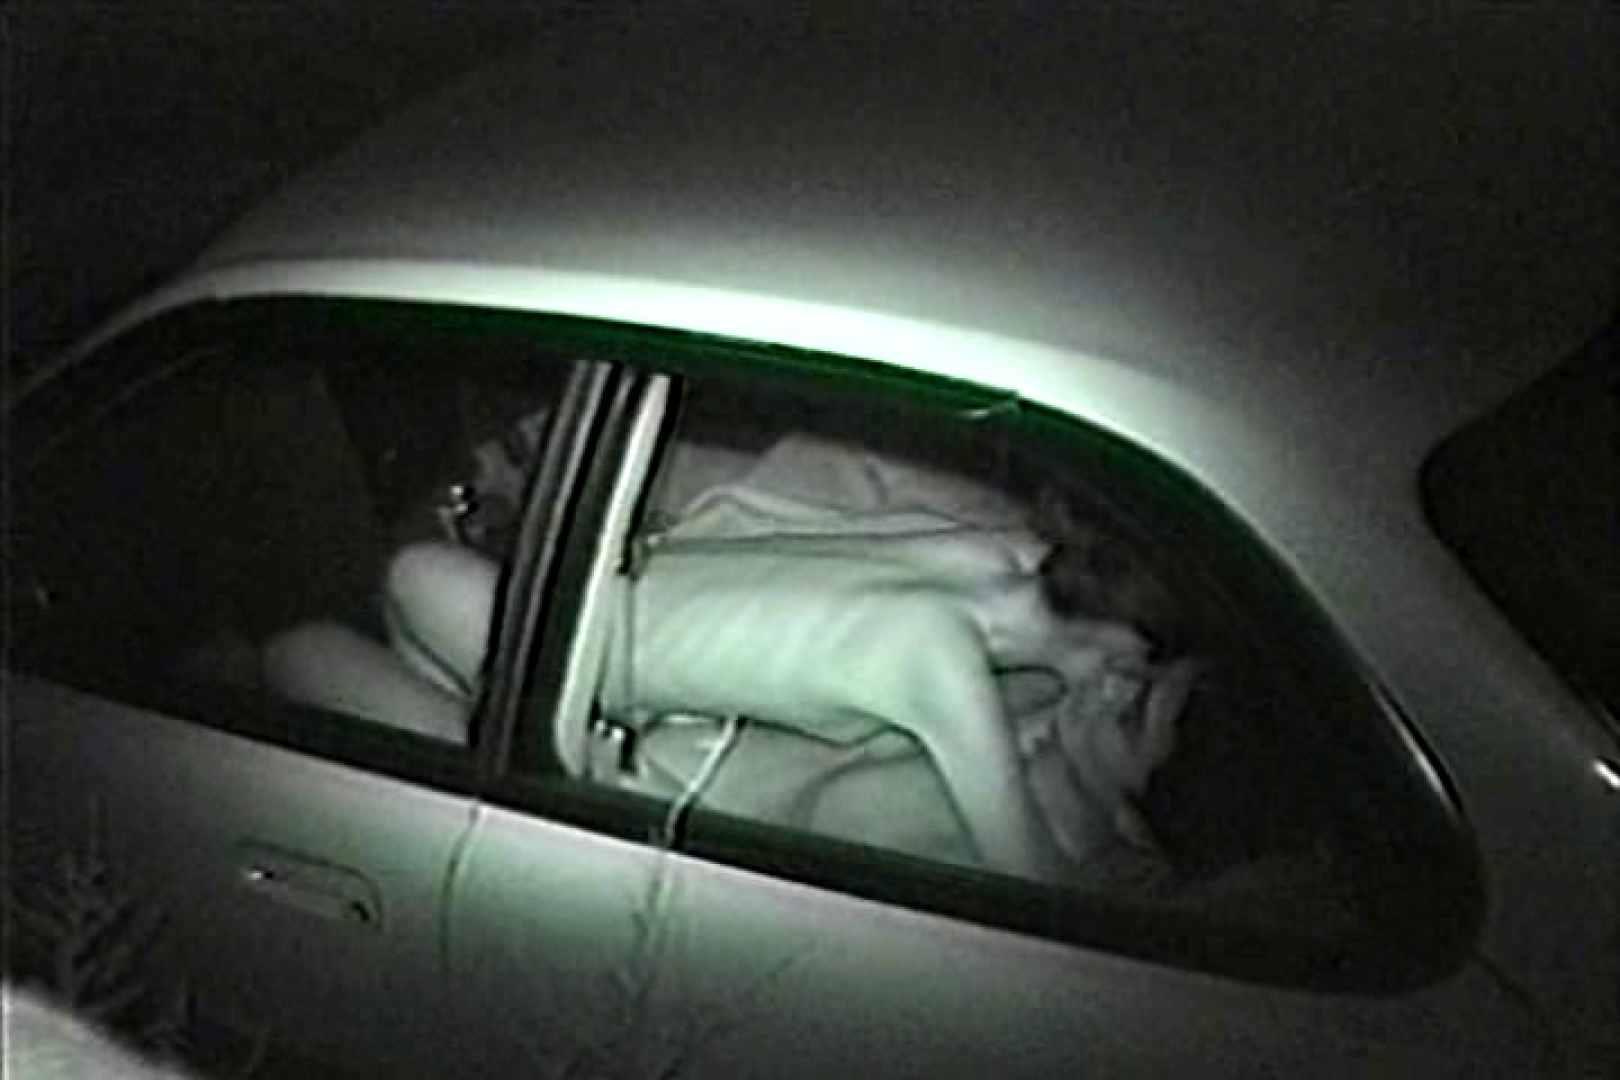 車の中はラブホテル 無修正版  Vol.7 接写 AV動画キャプチャ 81pic 3